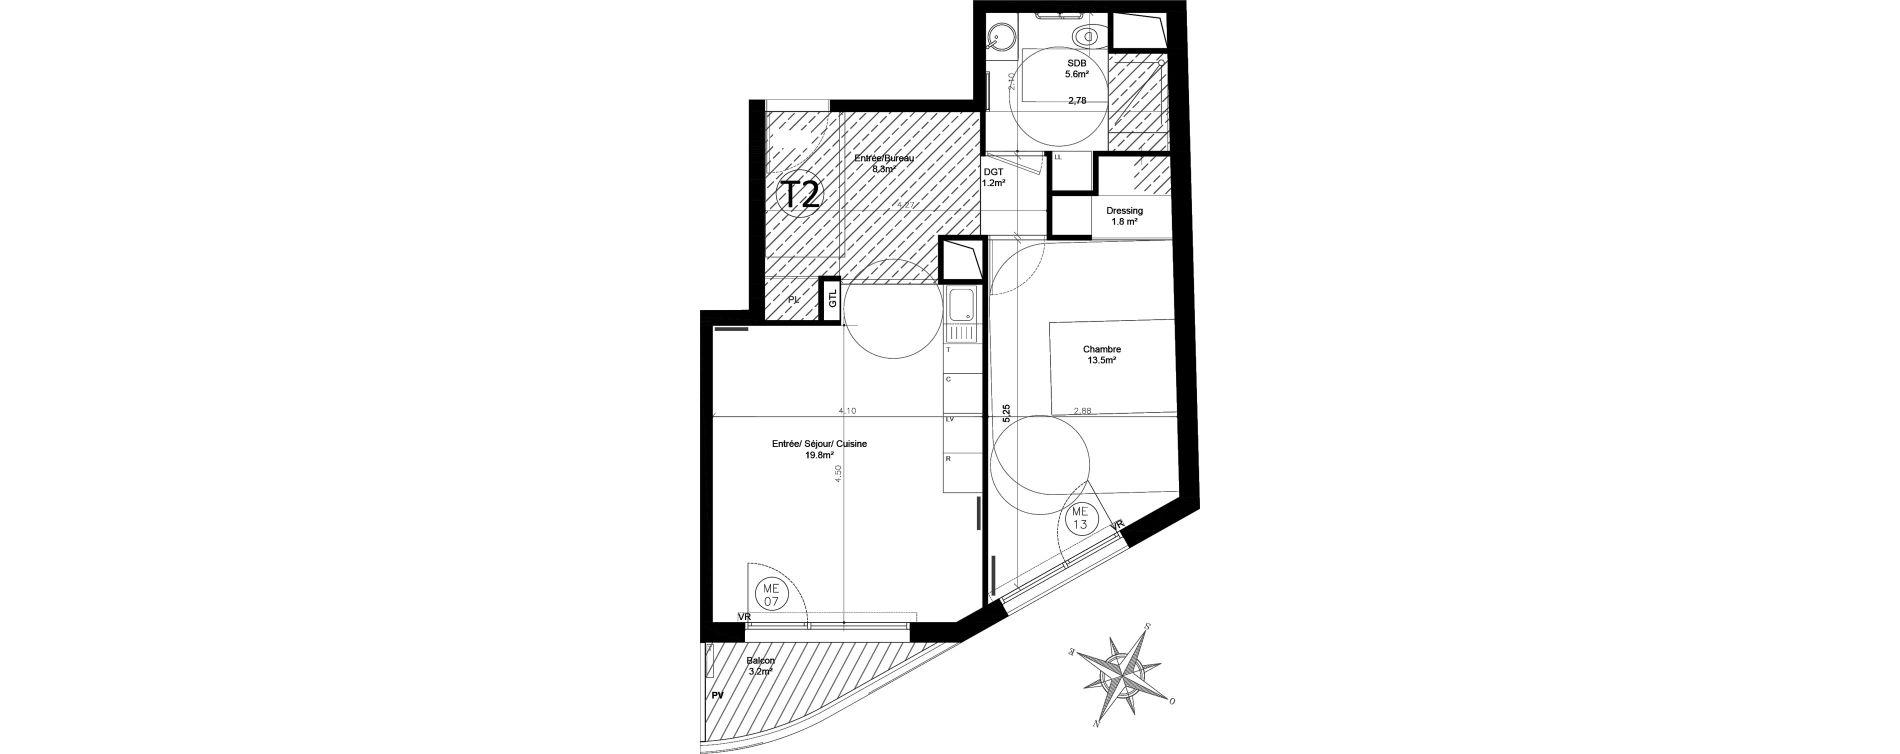 Appartement T2 de 50,50 m2 à Issy-Les-Moulineaux Chemin des vignes